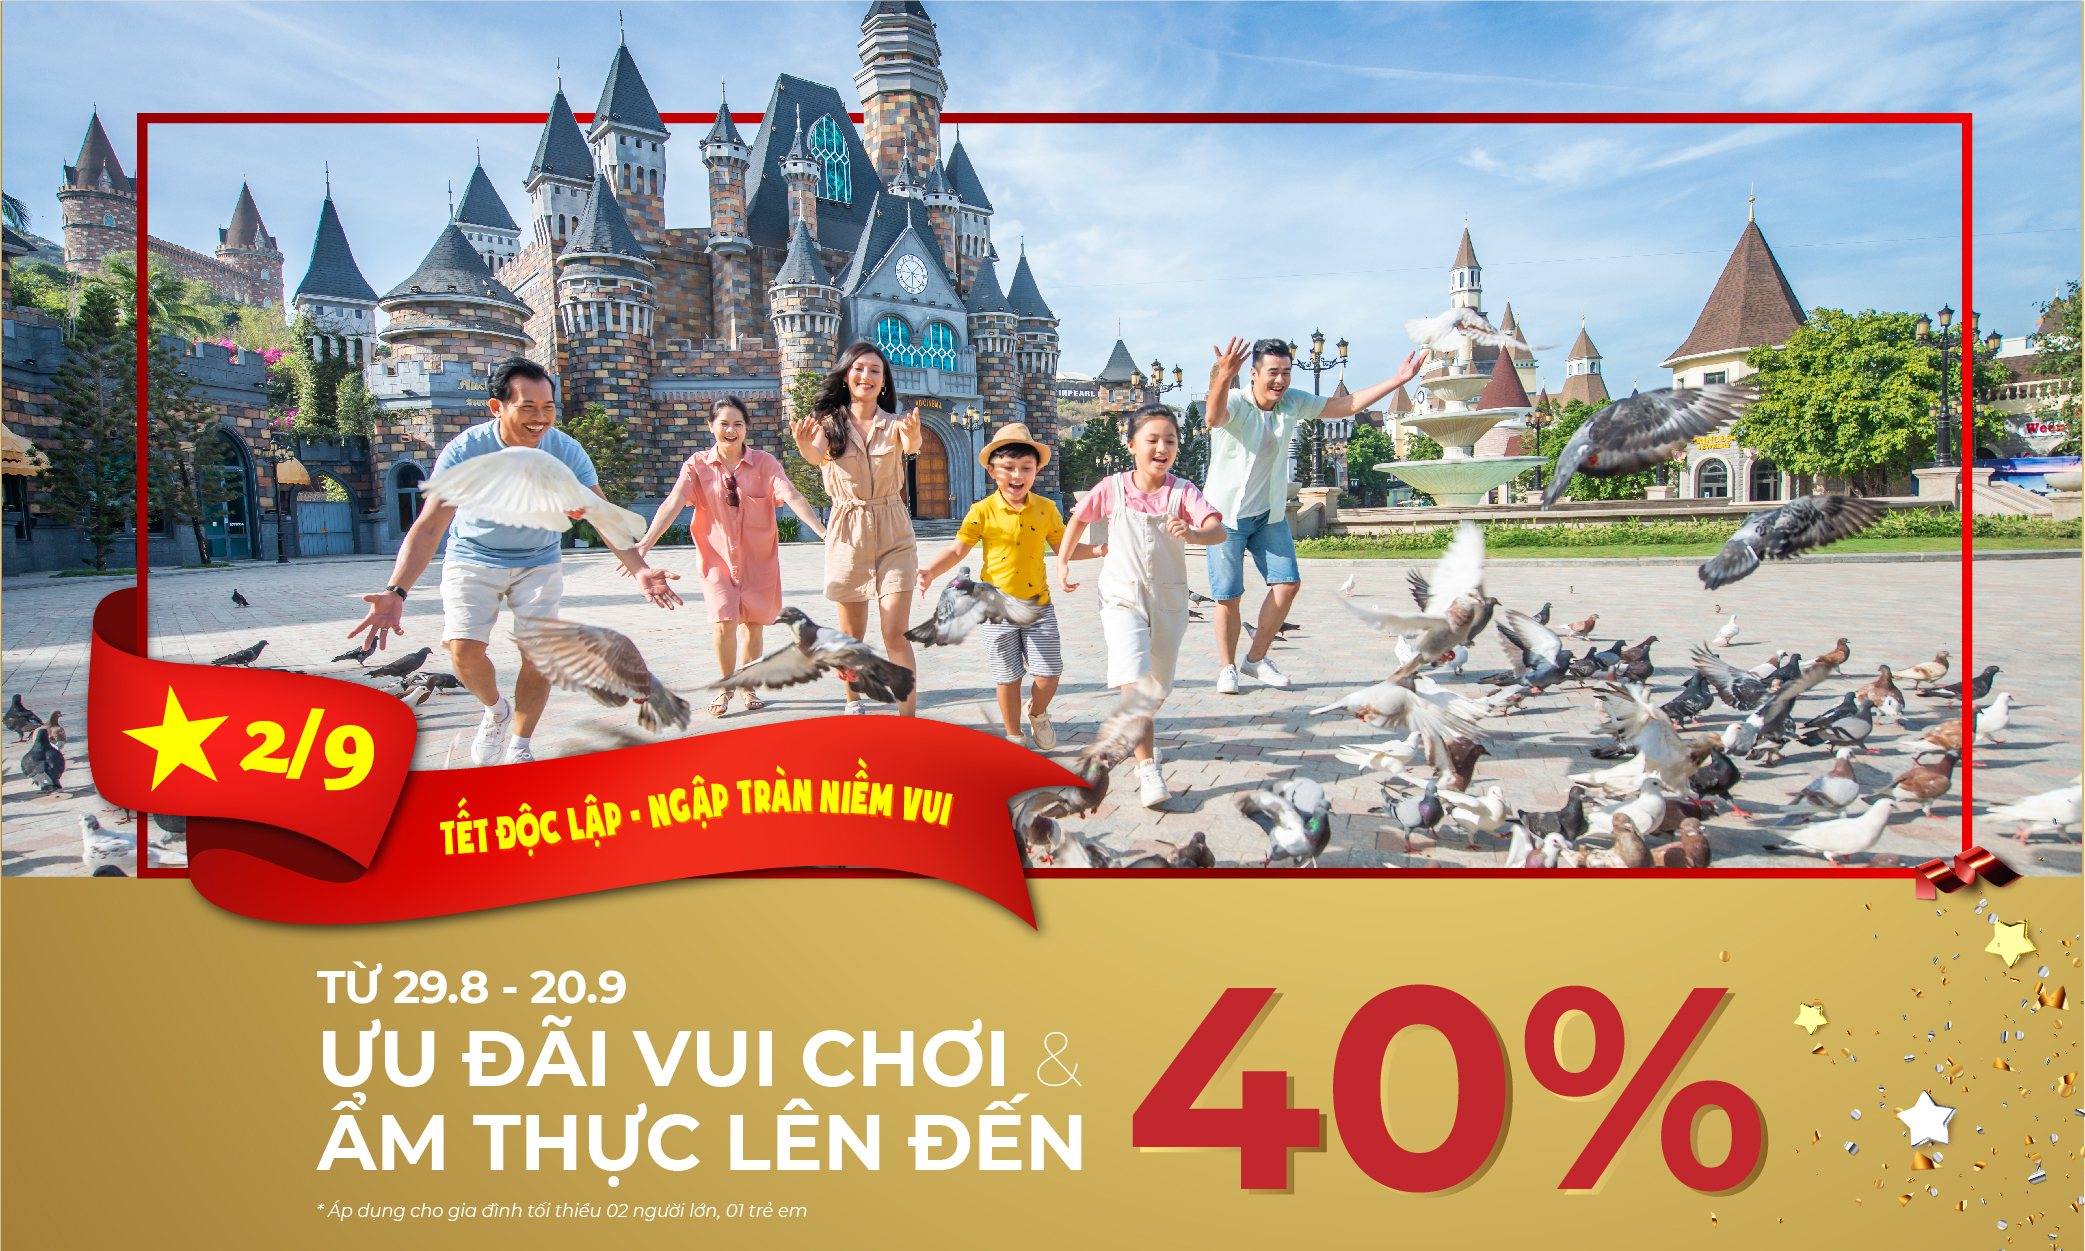 Ưu đãi lên đến 40% vui chơi và ẩm thực tại VinWonders Nha Trang!